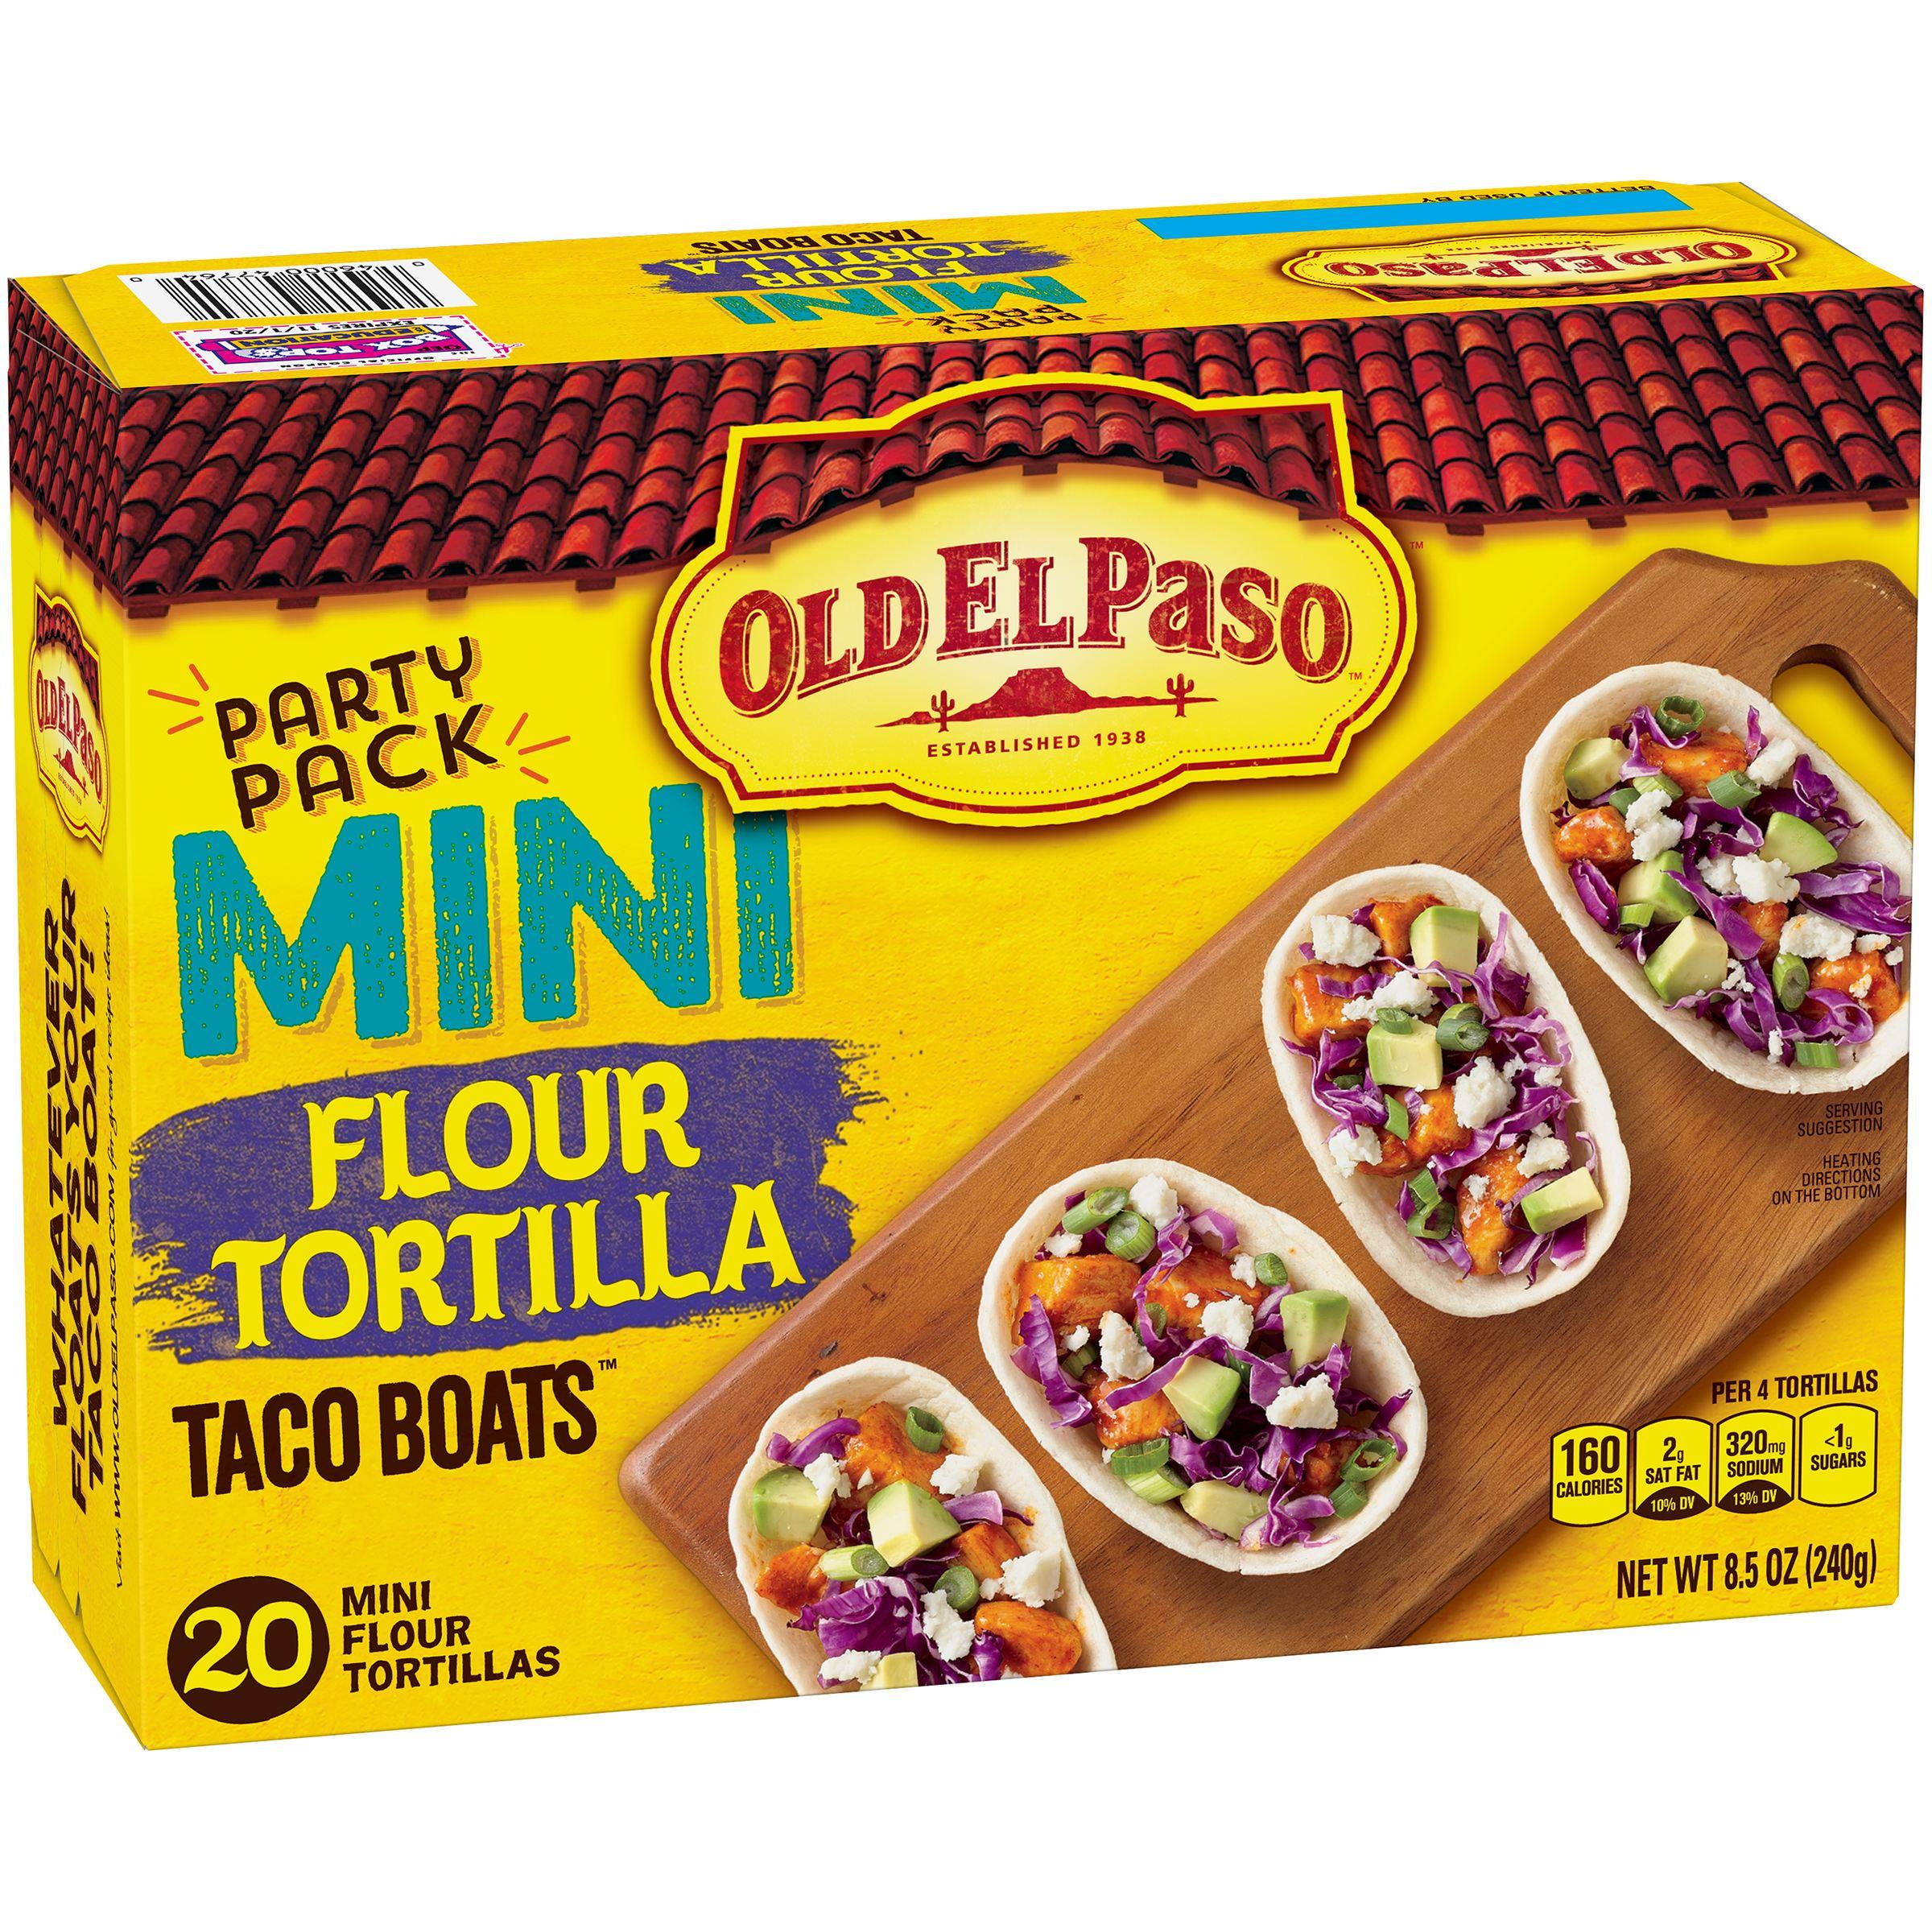 Old El Paso Restaurante Grande Flour Tortillas, 6 ct - Walmart.com